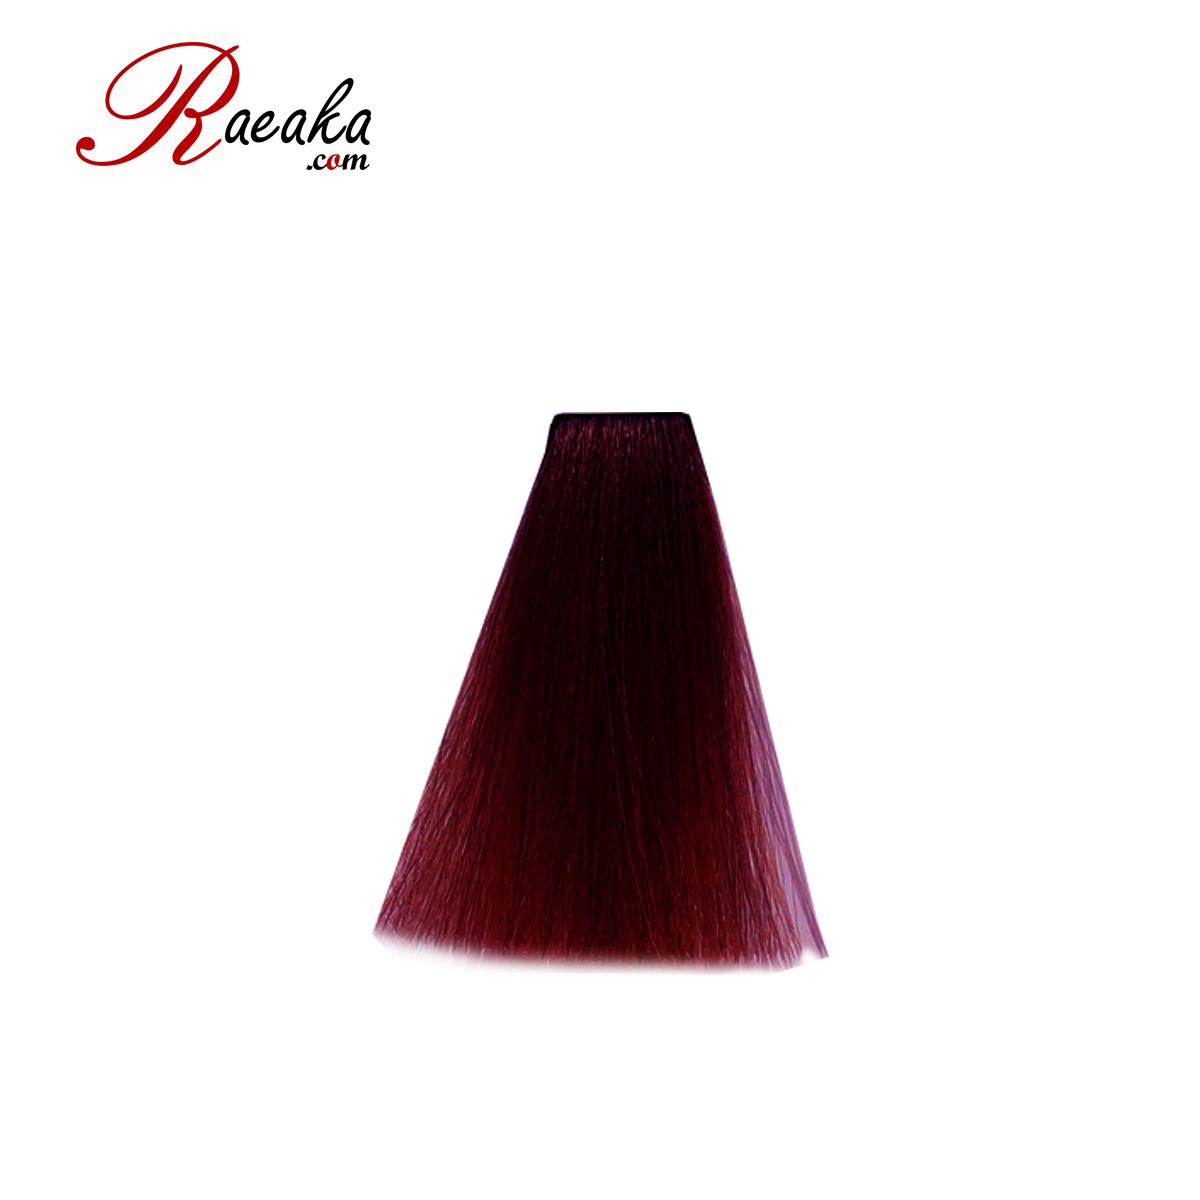 رنگ مو دوماسی سری ارغوانی بلوند شرابی تیره ۶٫۲ حجم ۱۲۰ میلی لیتر